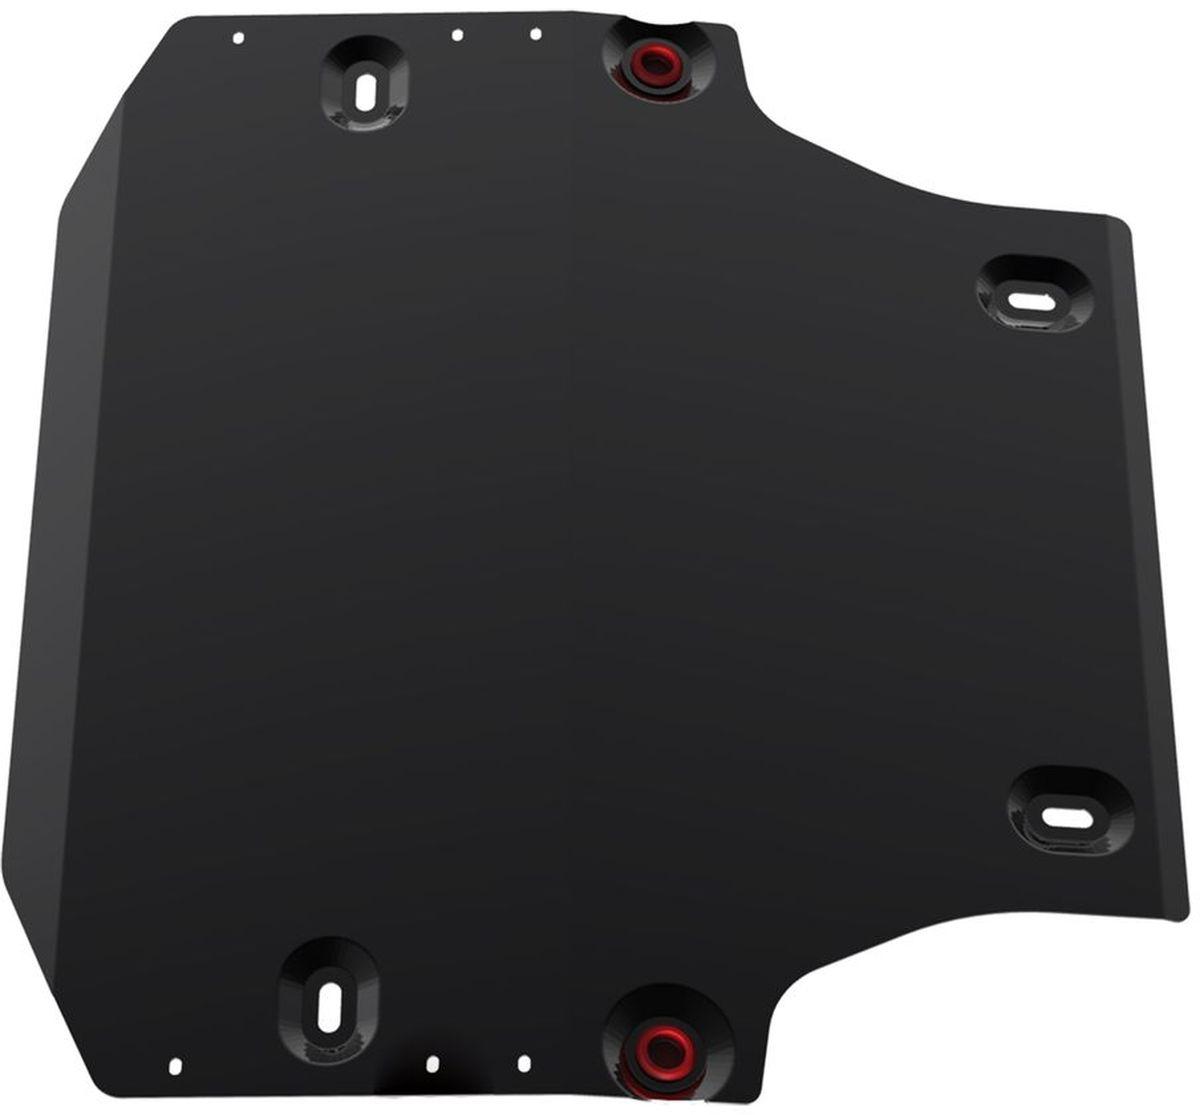 Защита картера и КПП Автоброня, для Mercedes-Benz Sprinter/Volkswagen Crafter. 111.05828.1111.05828.1Технологически совершенный продукт за невысокую стоимость. Защита разработана с учетом особенностей днища автомобиля, что позволяет сохранить дорожный просвет с минимальным изменением. Защита устанавливается в штатные места кузова автомобиля. Глубокий штамп обеспечивает до двух раз больше жесткости в сравнении с обычной защитой той же толщины. Проштампованные ребра жесткости препятствуют деформации защиты при ударах. Тепловой зазор и вентиляционные отверстия обеспечивают сохранение температурного режима двигателя в норме. Скрытый крепеж предотвращает срыв крепежных элементов при наезде на препятствие. Шумопоглощающие резиновые элементы обеспечивают комфортную езду без вибраций и скрежета металла, а съемные лючки для слива масла и замены фильтра - экономию средств и время. Конструкция изделия не влияет на пассивную безопасность автомобиля (при ударе защита не воздействует на деформационные зоны кузова). Со штатным крепежом. В комплекте инструкция по...